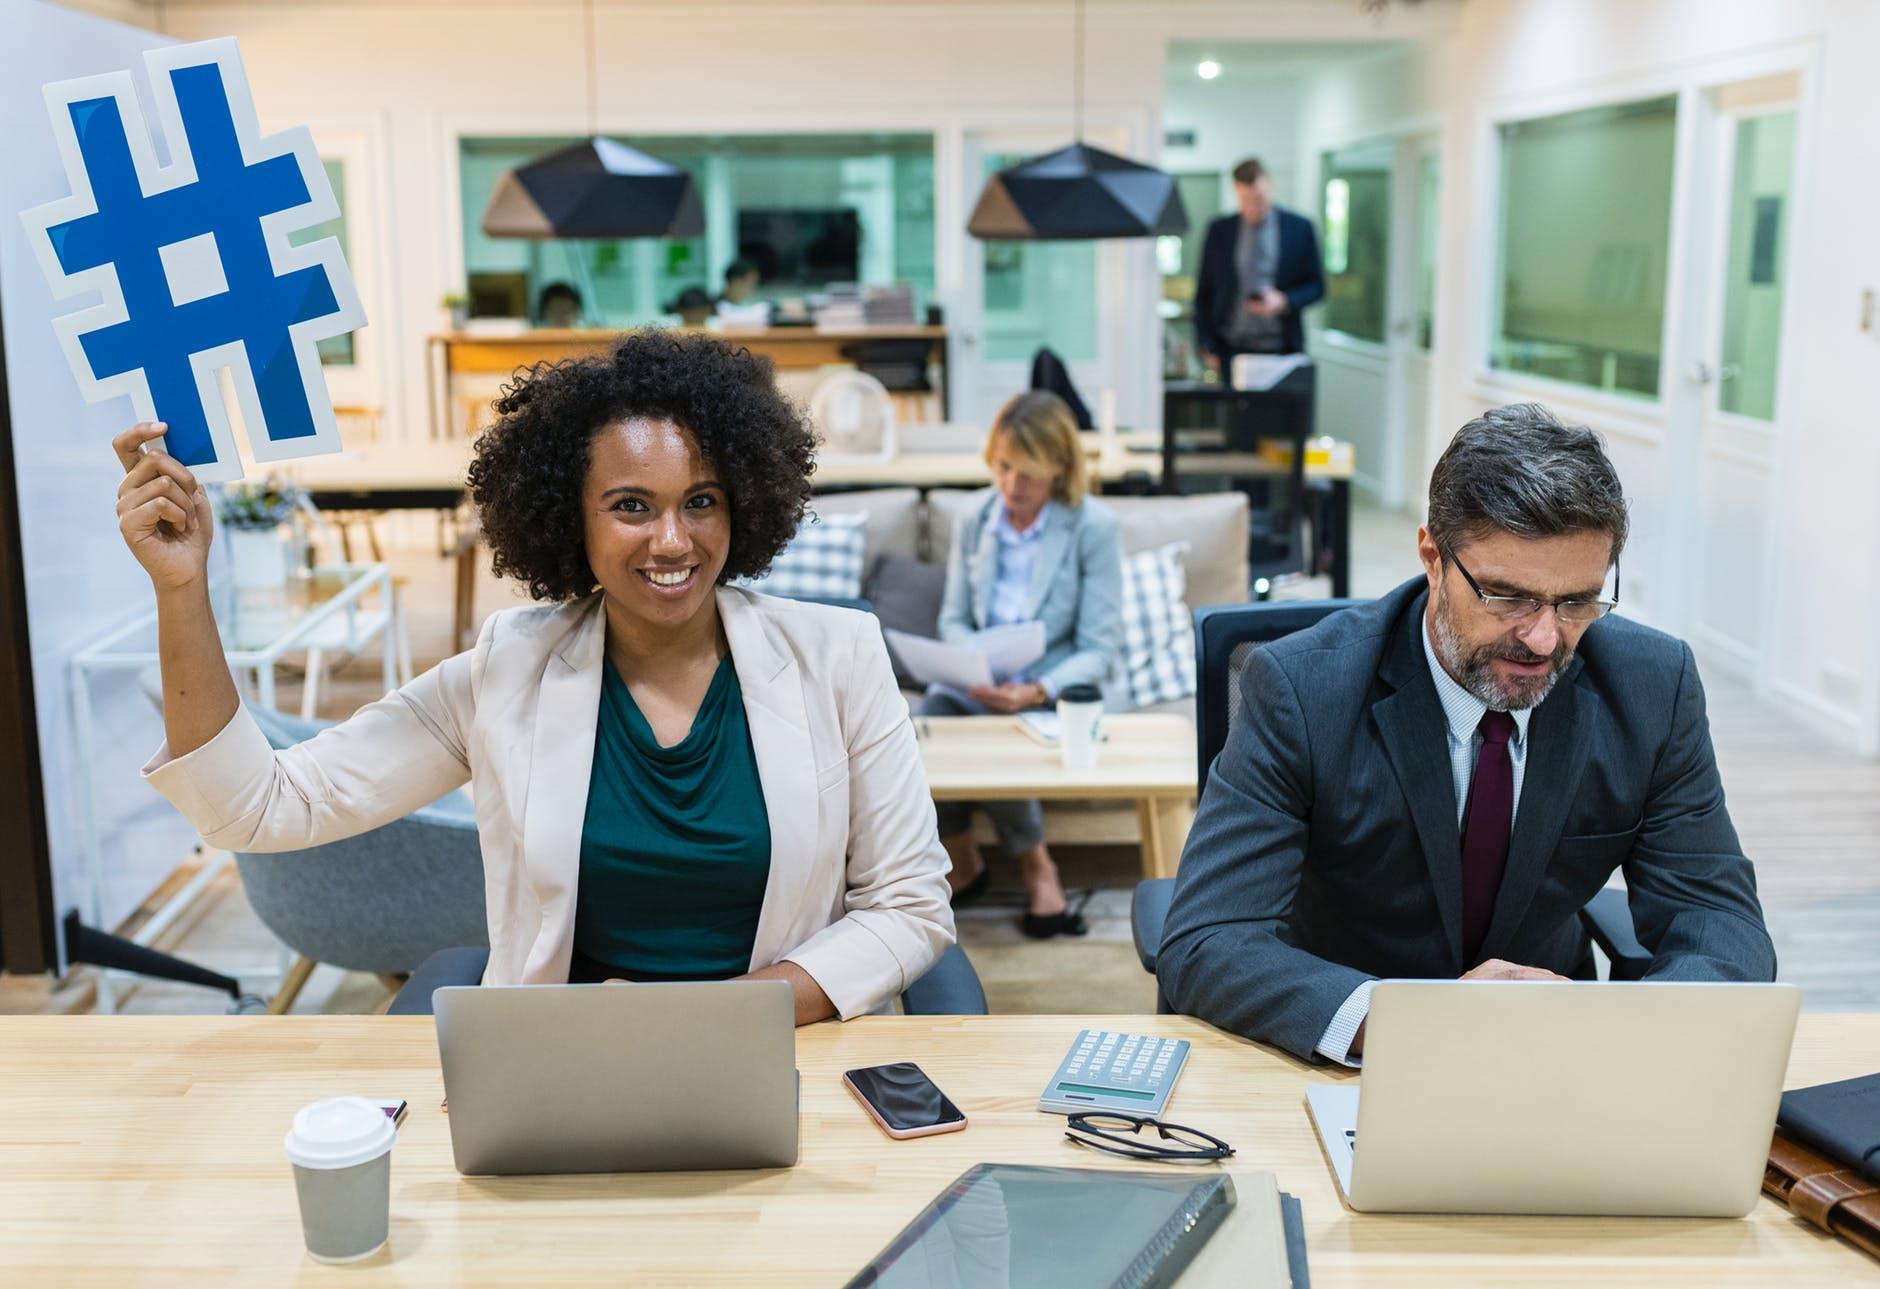 O que é um Social Media Manager e por que você deve se especializar neste perfil?